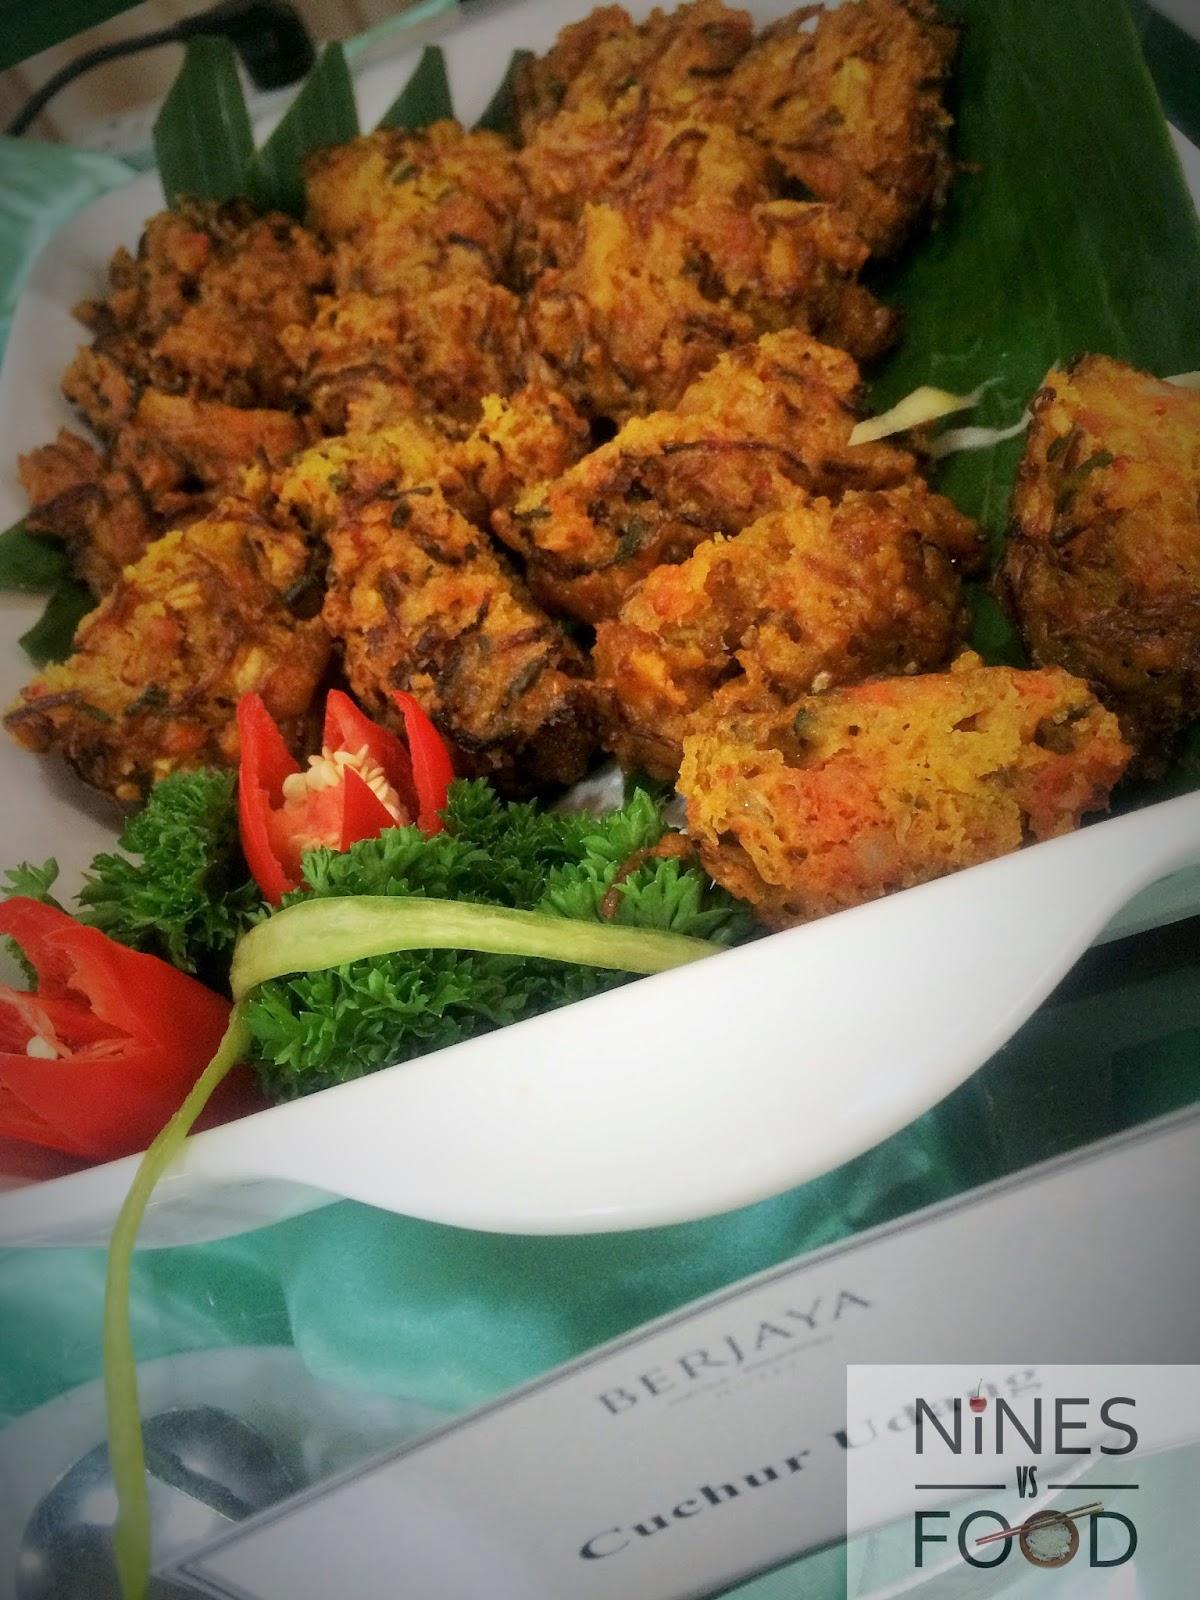 Nines vs. Food - Malaysian Food Festival 2014 Berjaya Hotel Makati-8.jpg